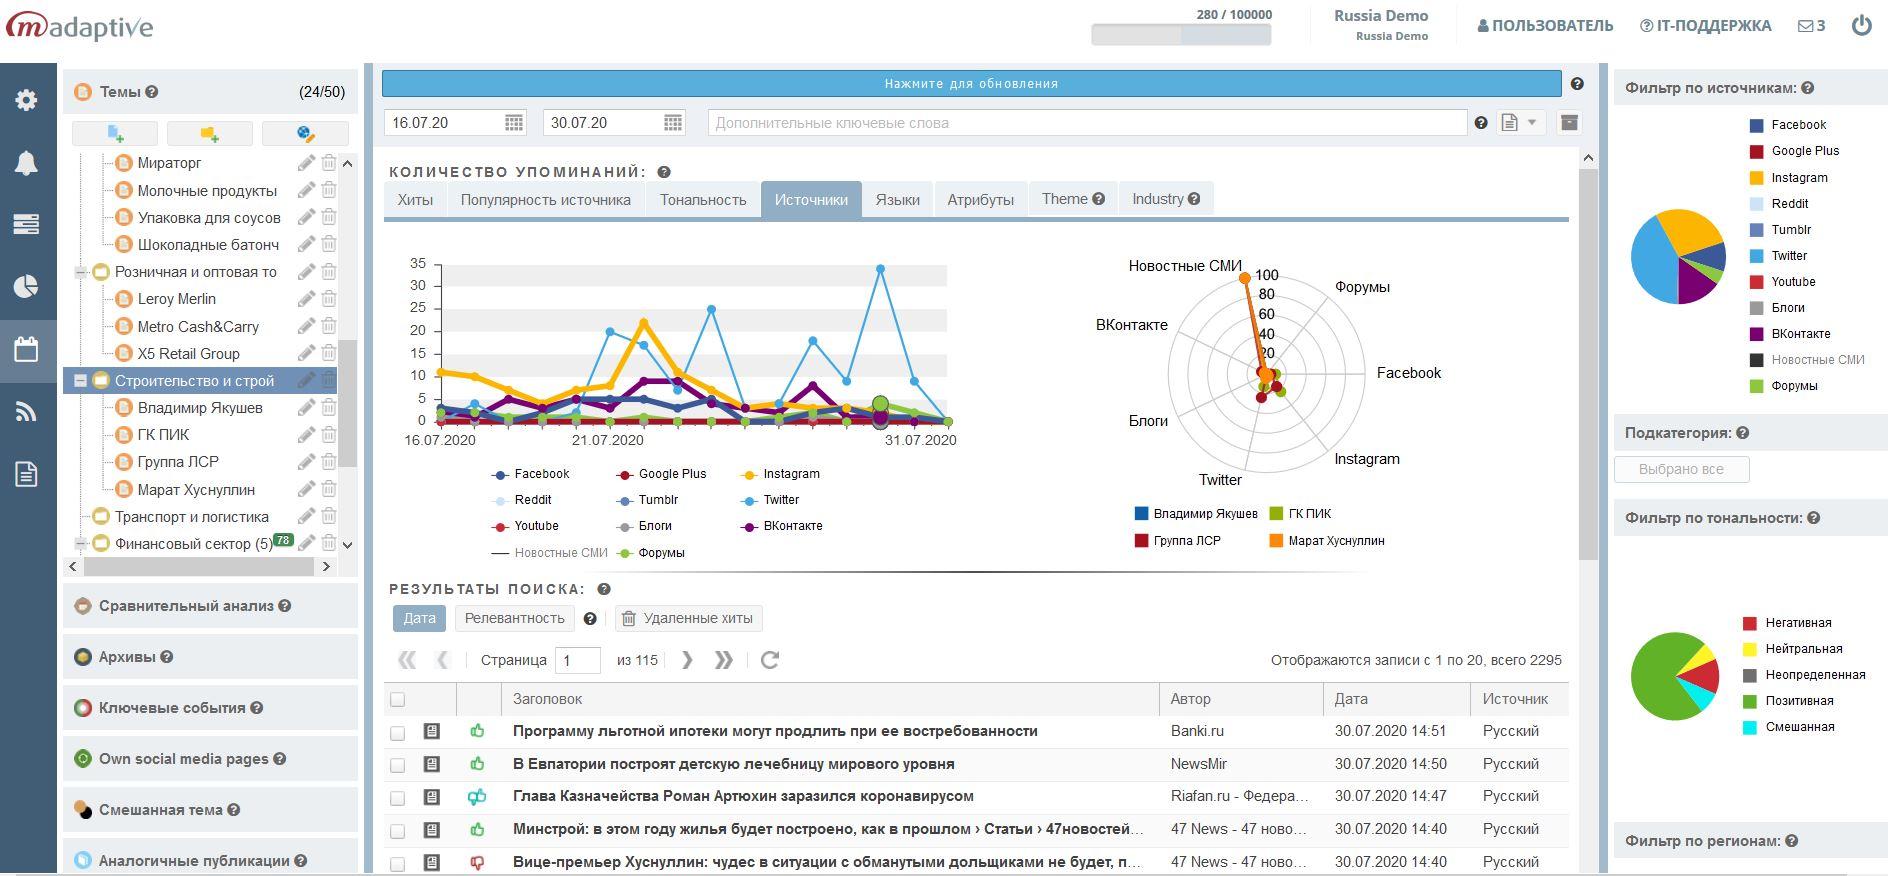 График упоминаний брендов и других информационных объектов по нескольким темам в системе медиа-мониторинга M-Adaptive